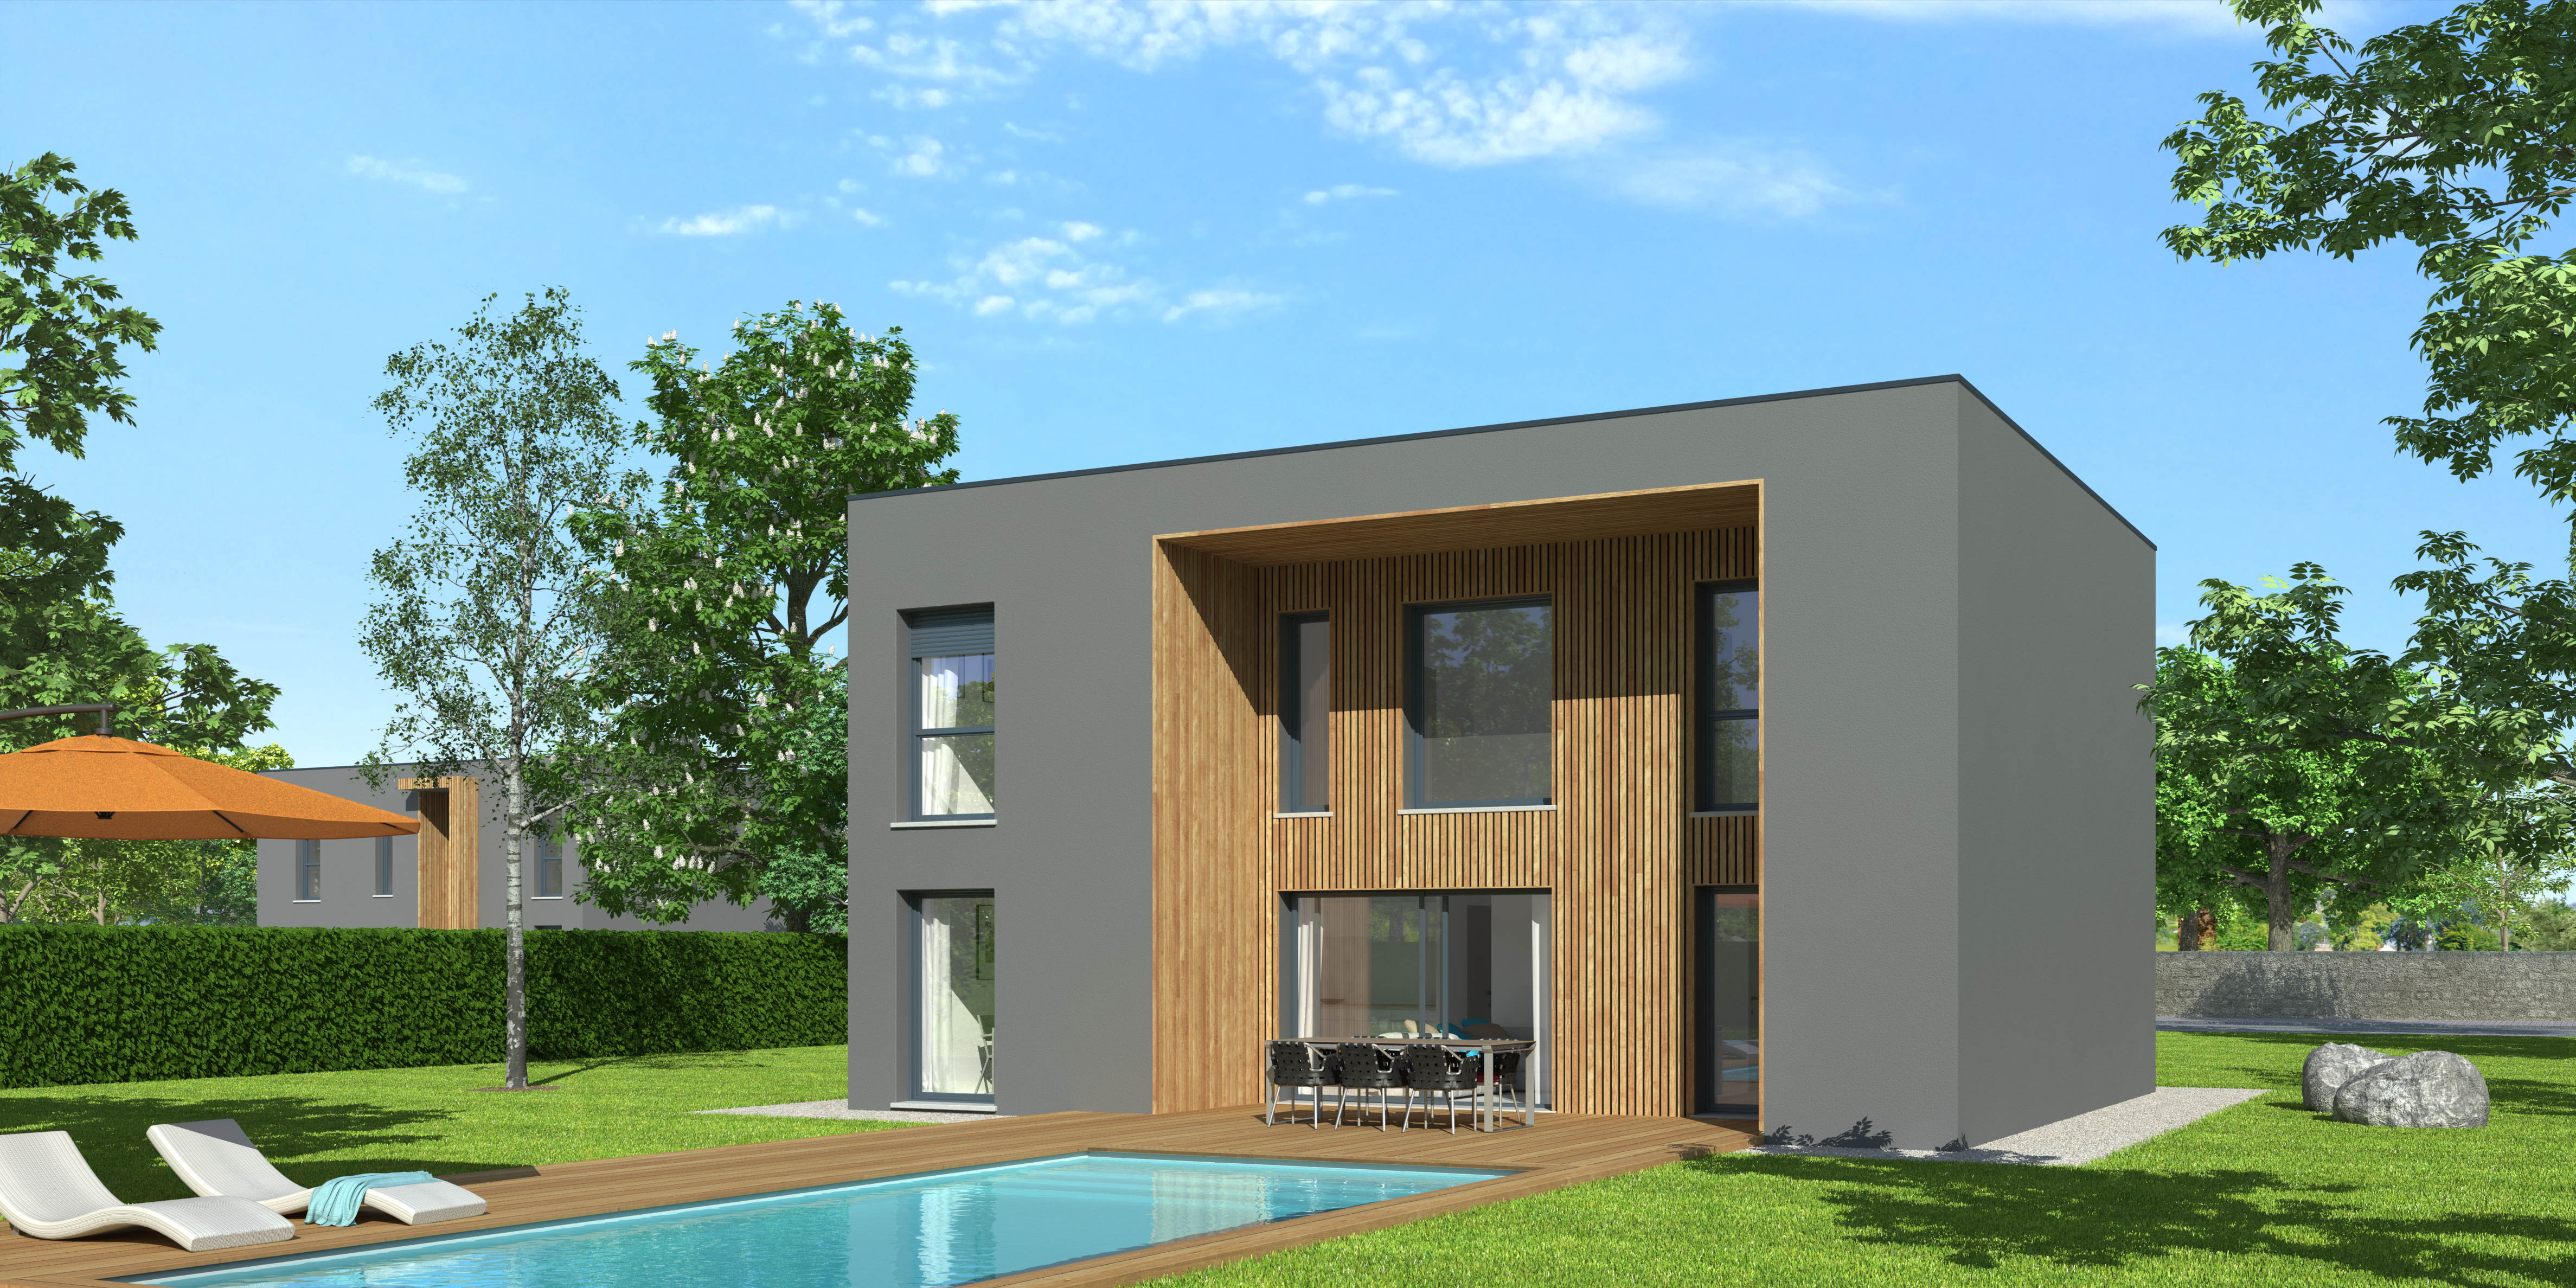 Constructeur Maison Ossature Bois 76 plan maison ossature bois natiswood contemporaine |natilia